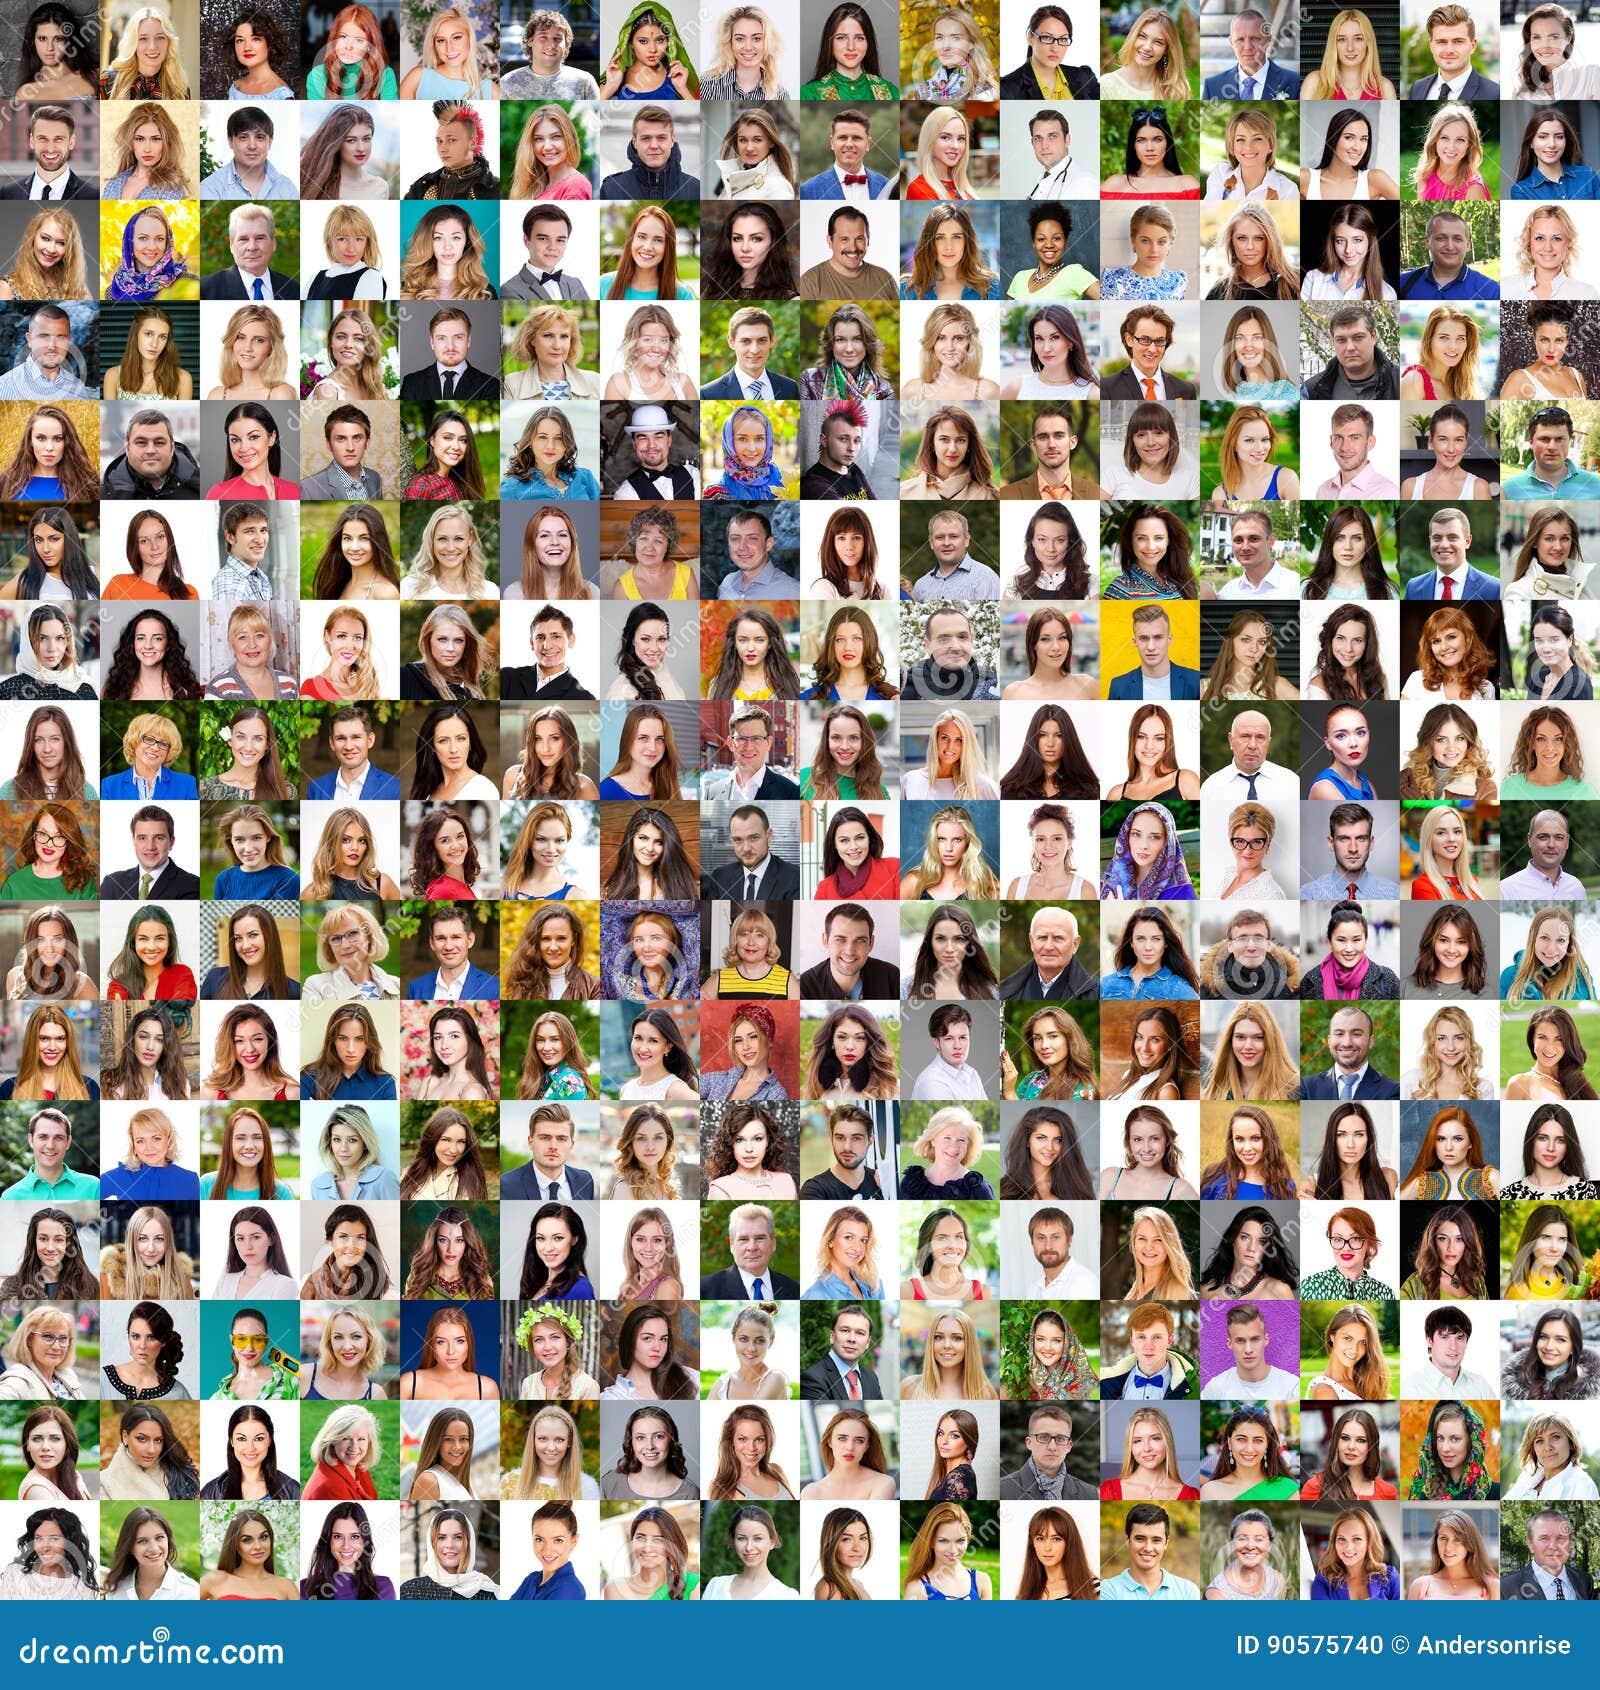 Samling av olika caucasian kvinnor och män som spänner från 18